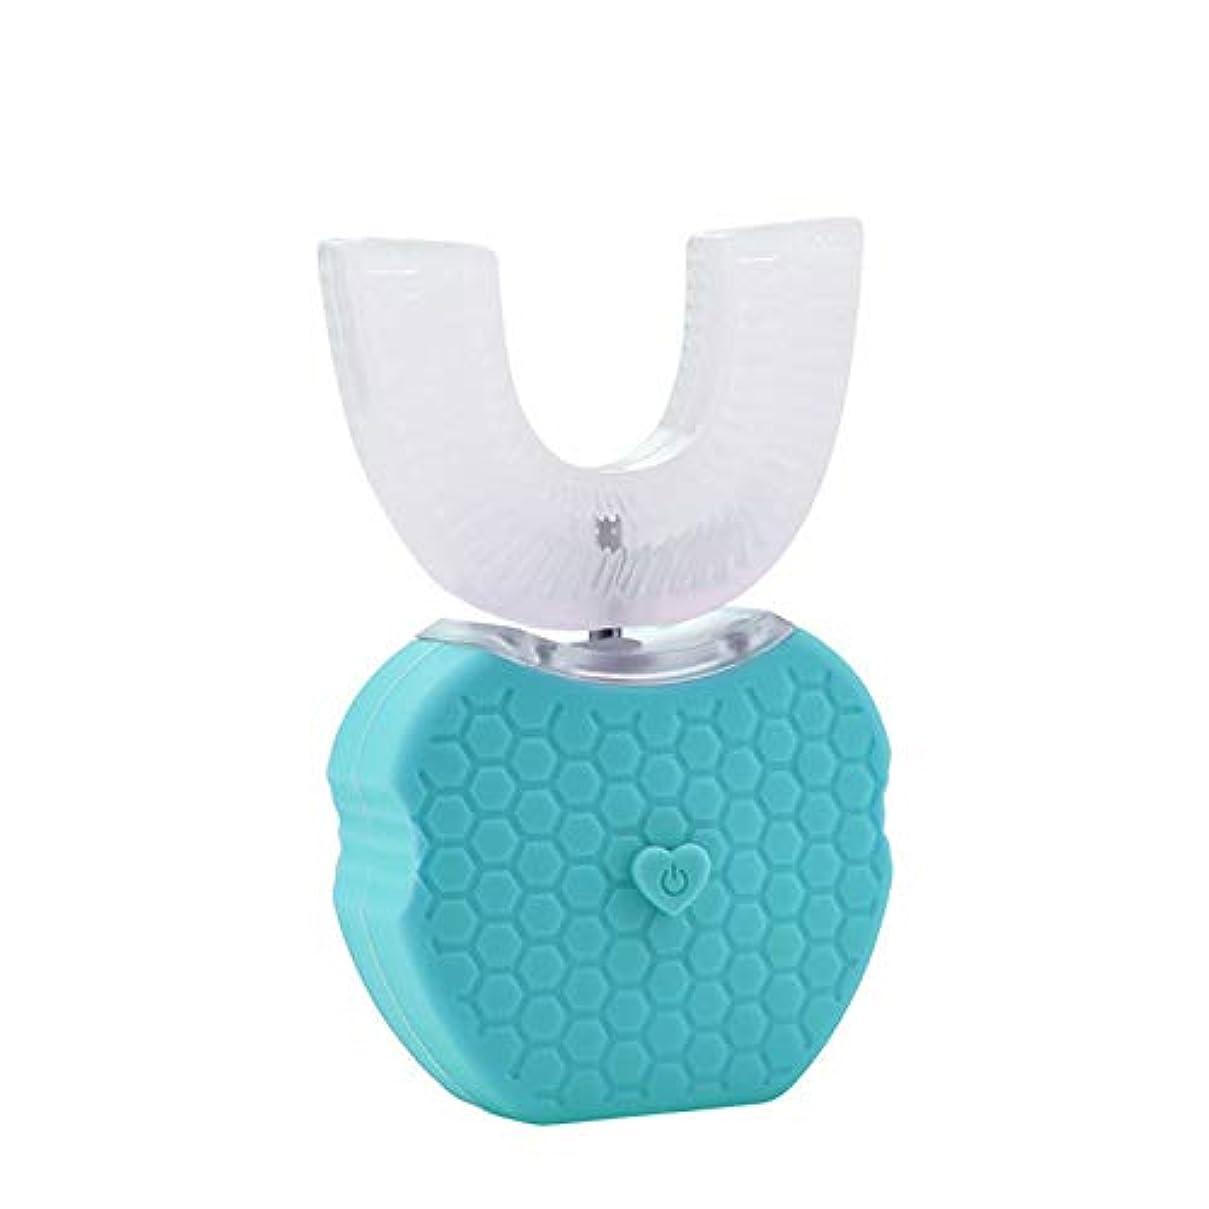 偽造前部パラメータフルオートマチック可変周波数電動歯ブラシ、自動360度U字型電動歯ブラシ、ワイヤレス充電IPX7防水自動歯ブラシ(大人用),Blue